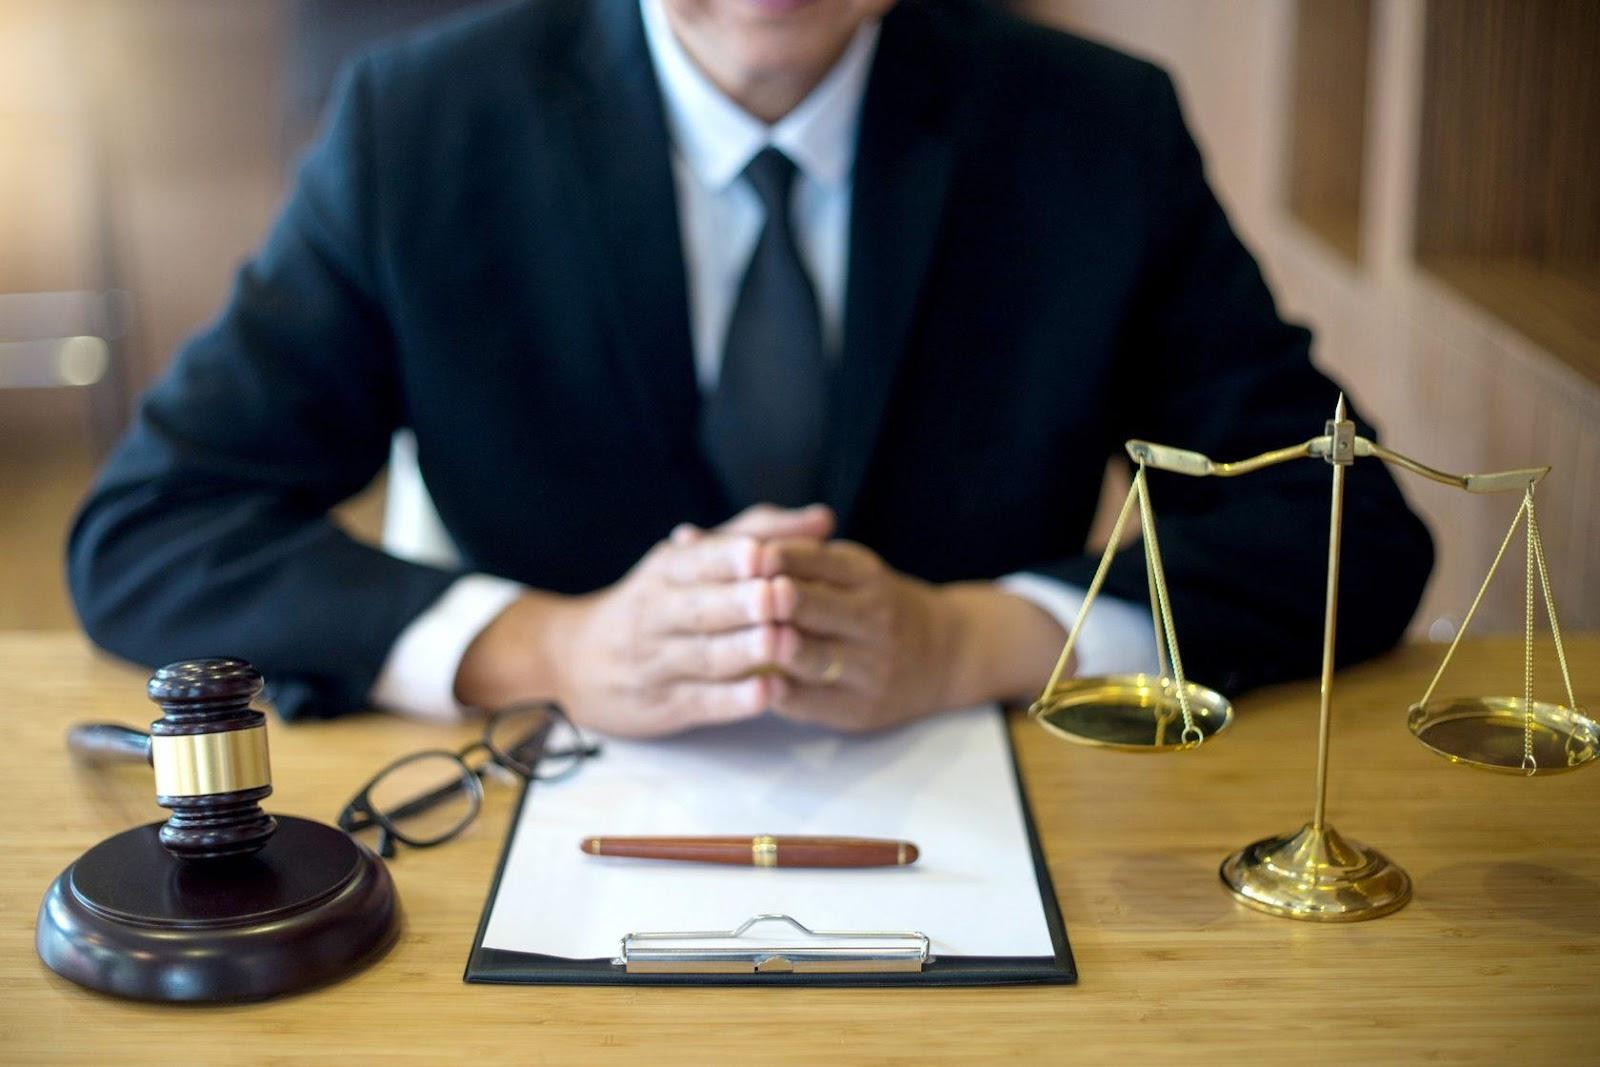 وکیل ثبتی کیست